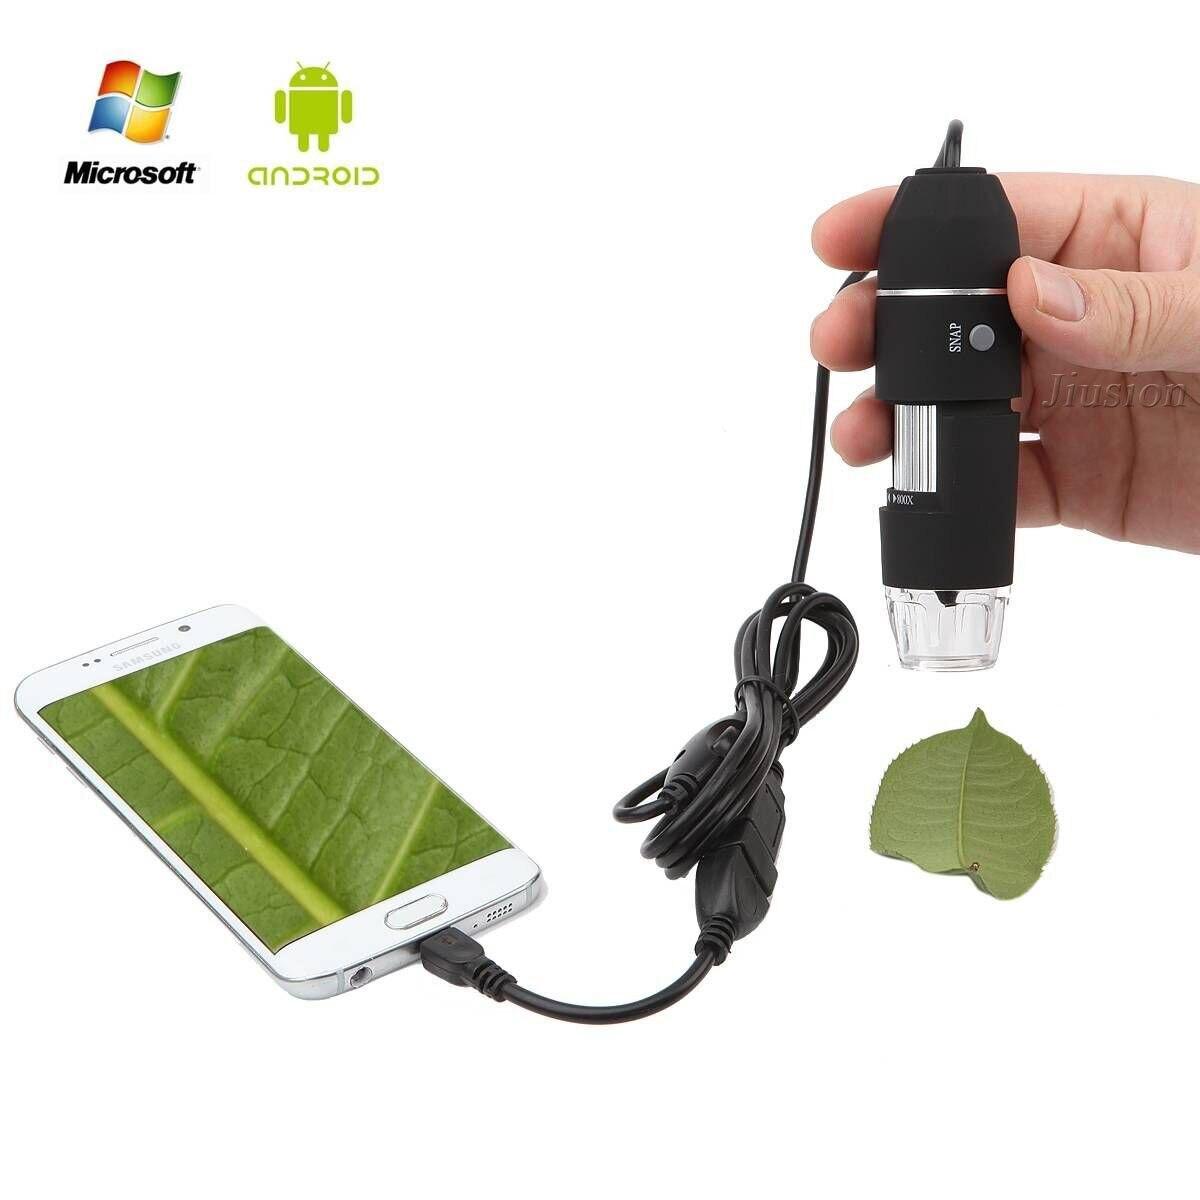 500x 800x 1000x USB Digital Microscope Macchina Fotografica Portatile di Ingrandimento Endoscopio OTG Supporto per Samsung Android Windows Mobile Mac